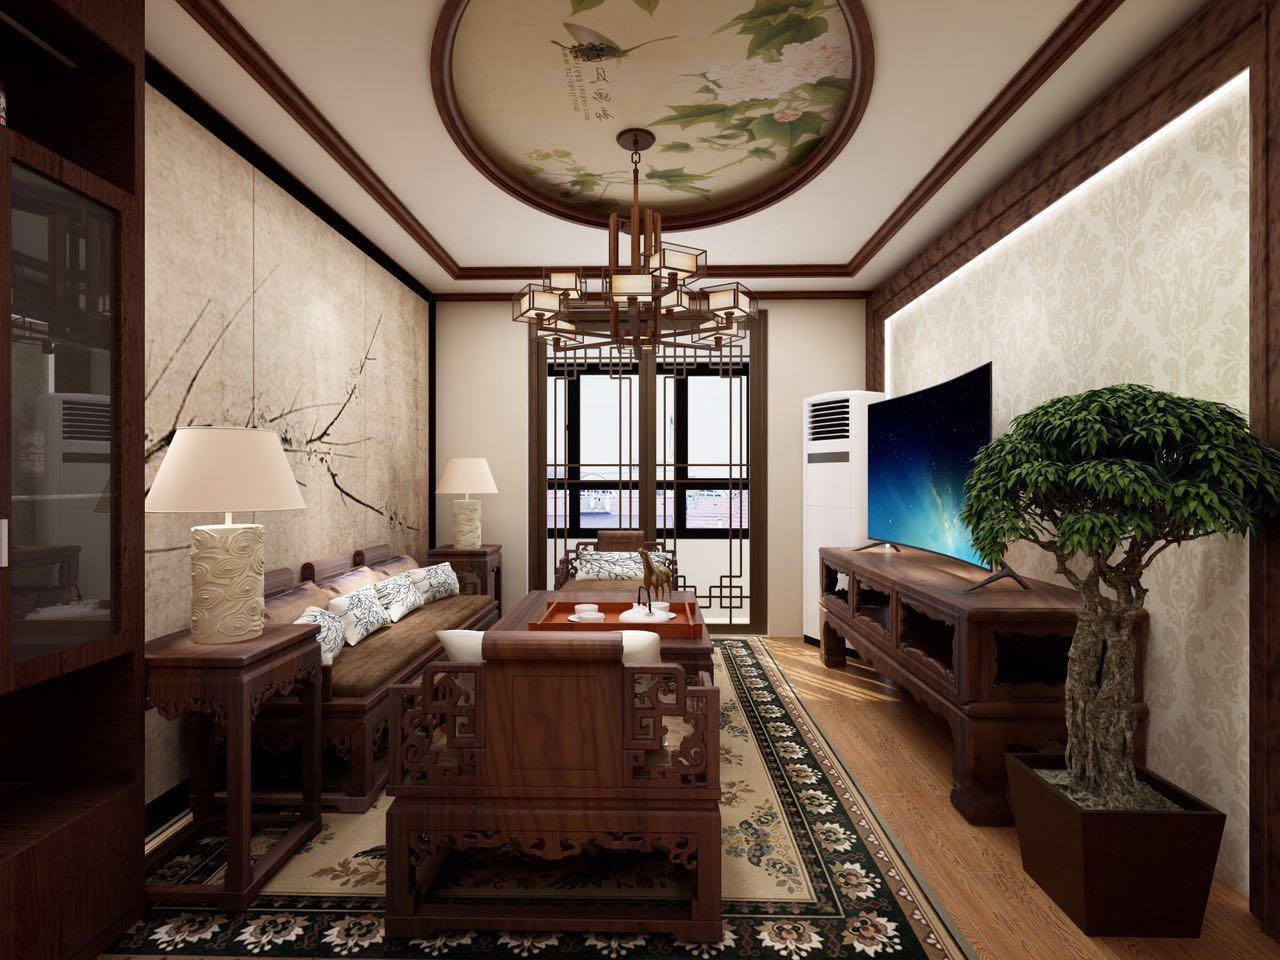 二居 小资 80后 旧房改造 收纳 客厅图片来自北京今朝装饰-慧琳在格调小区 75㎡ 中式风格的分享